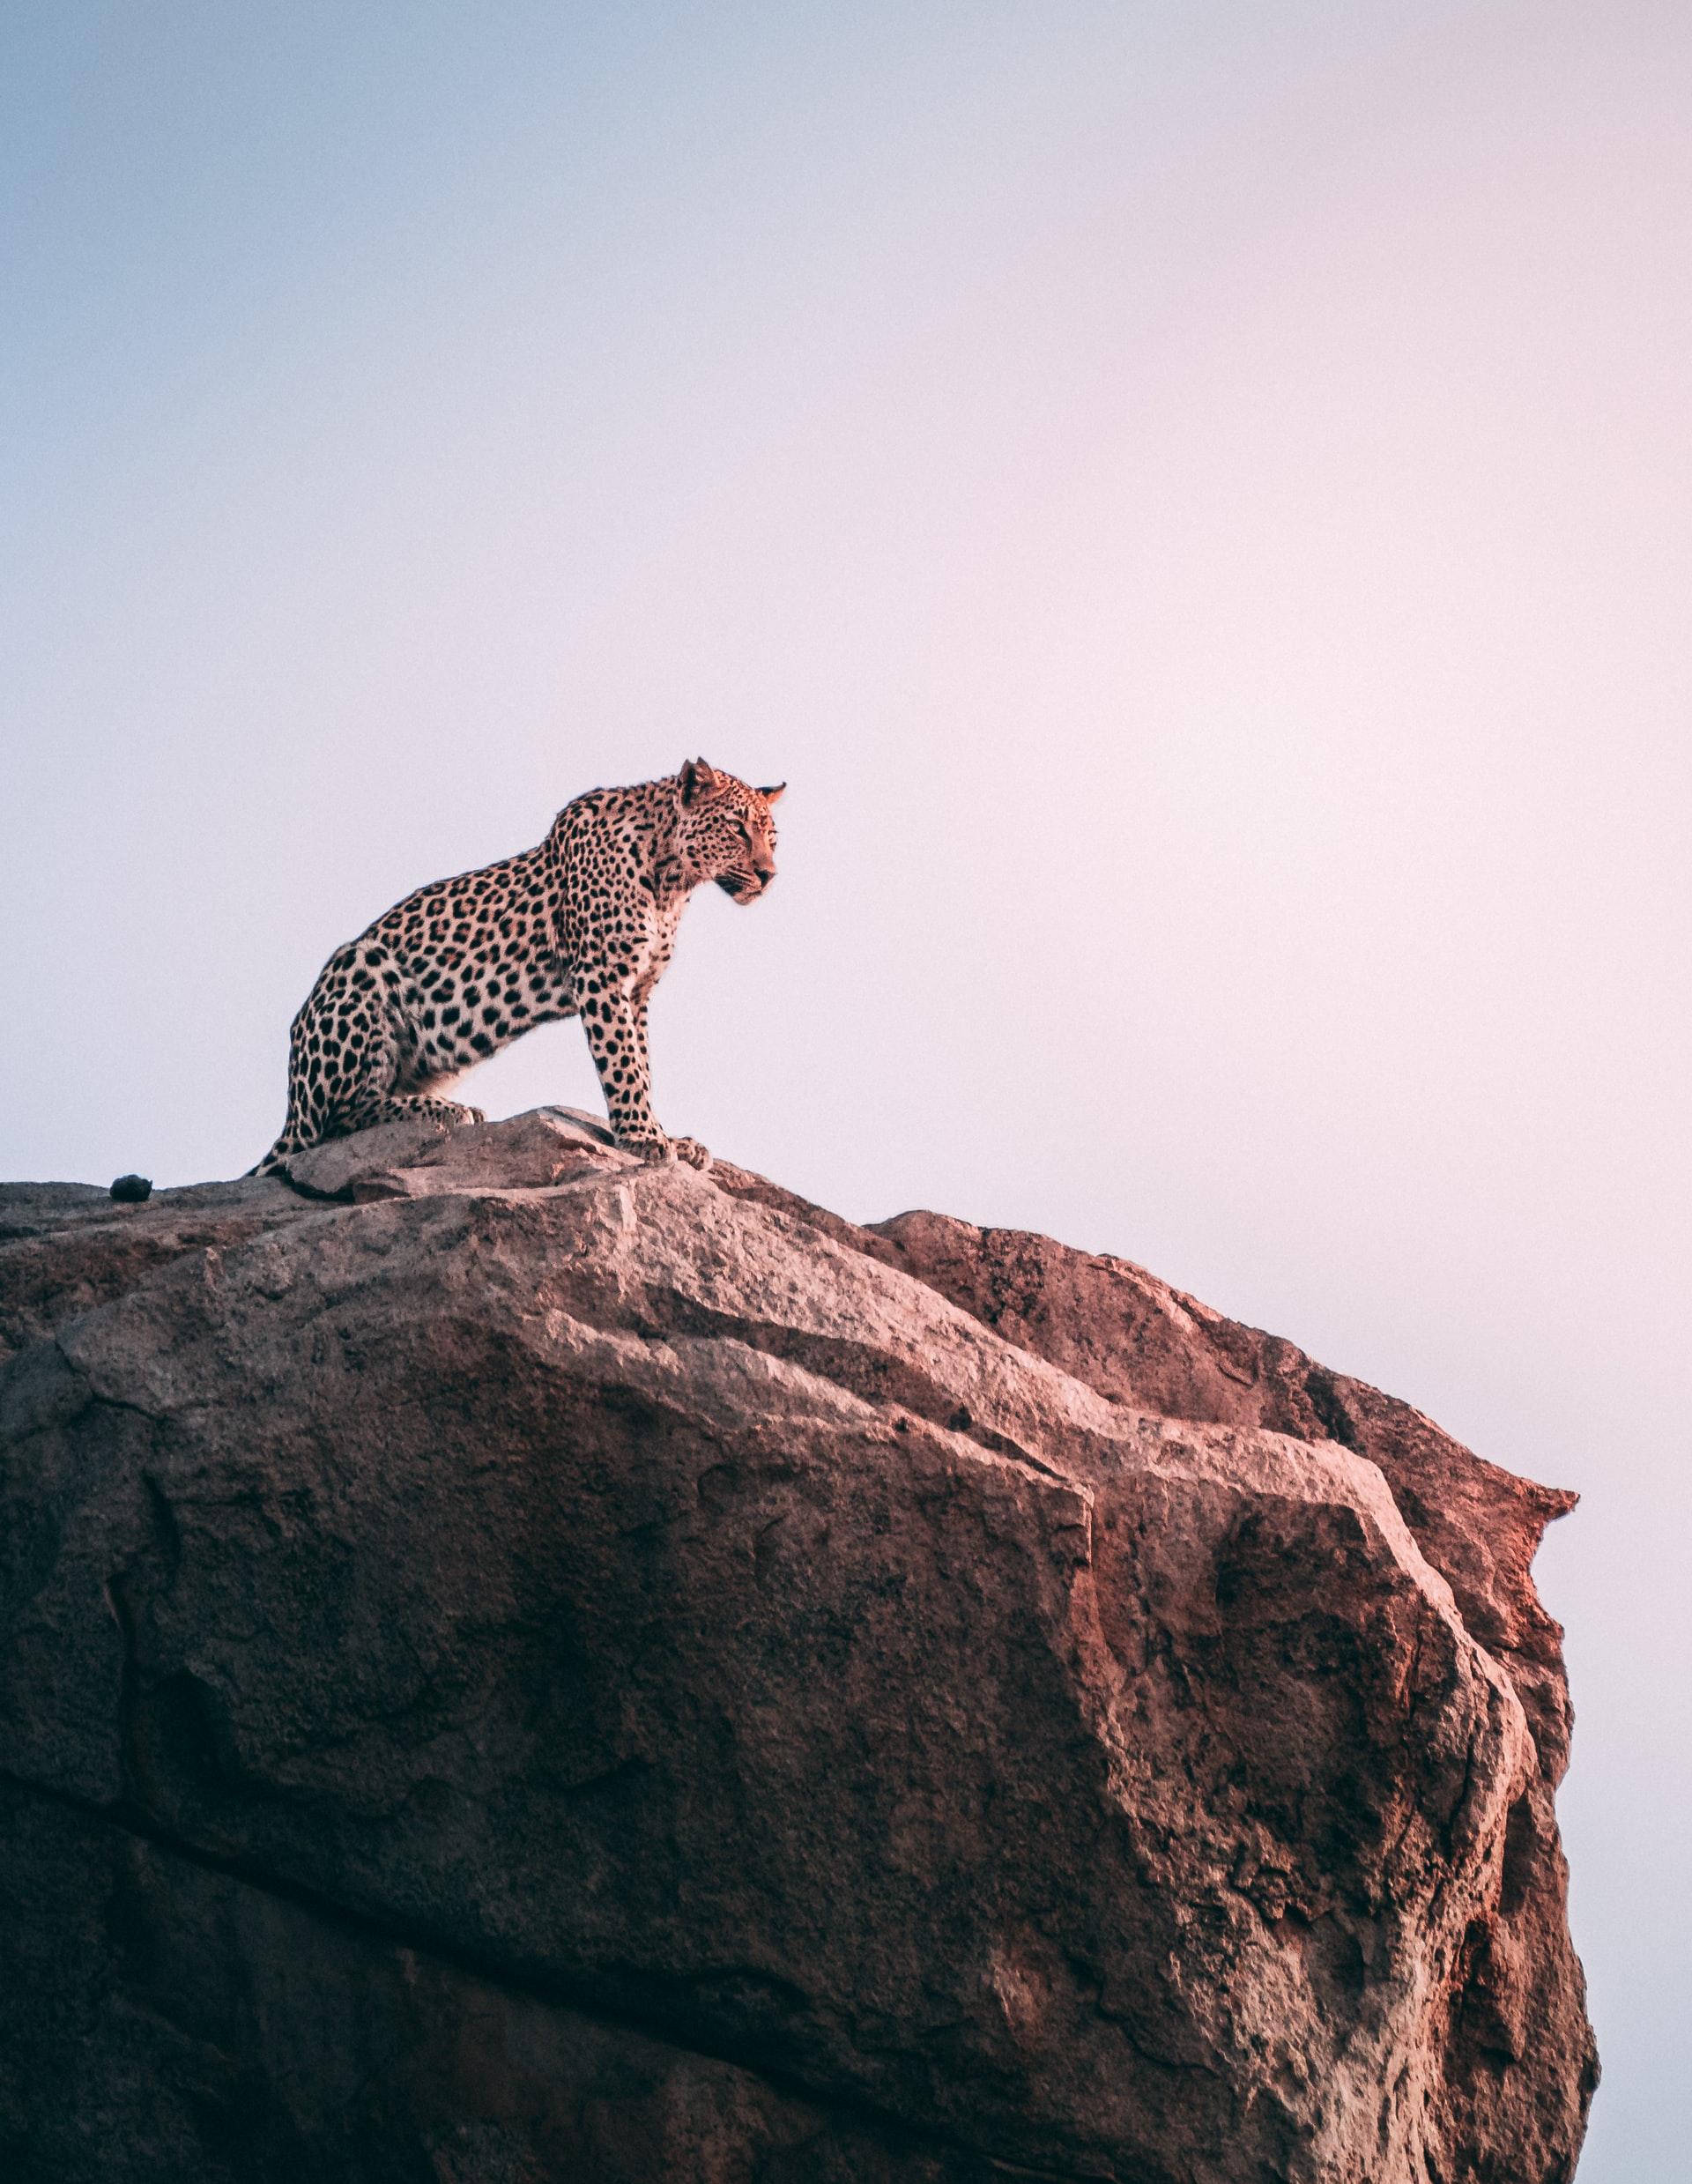 un jaguar en hauteur dans la savane